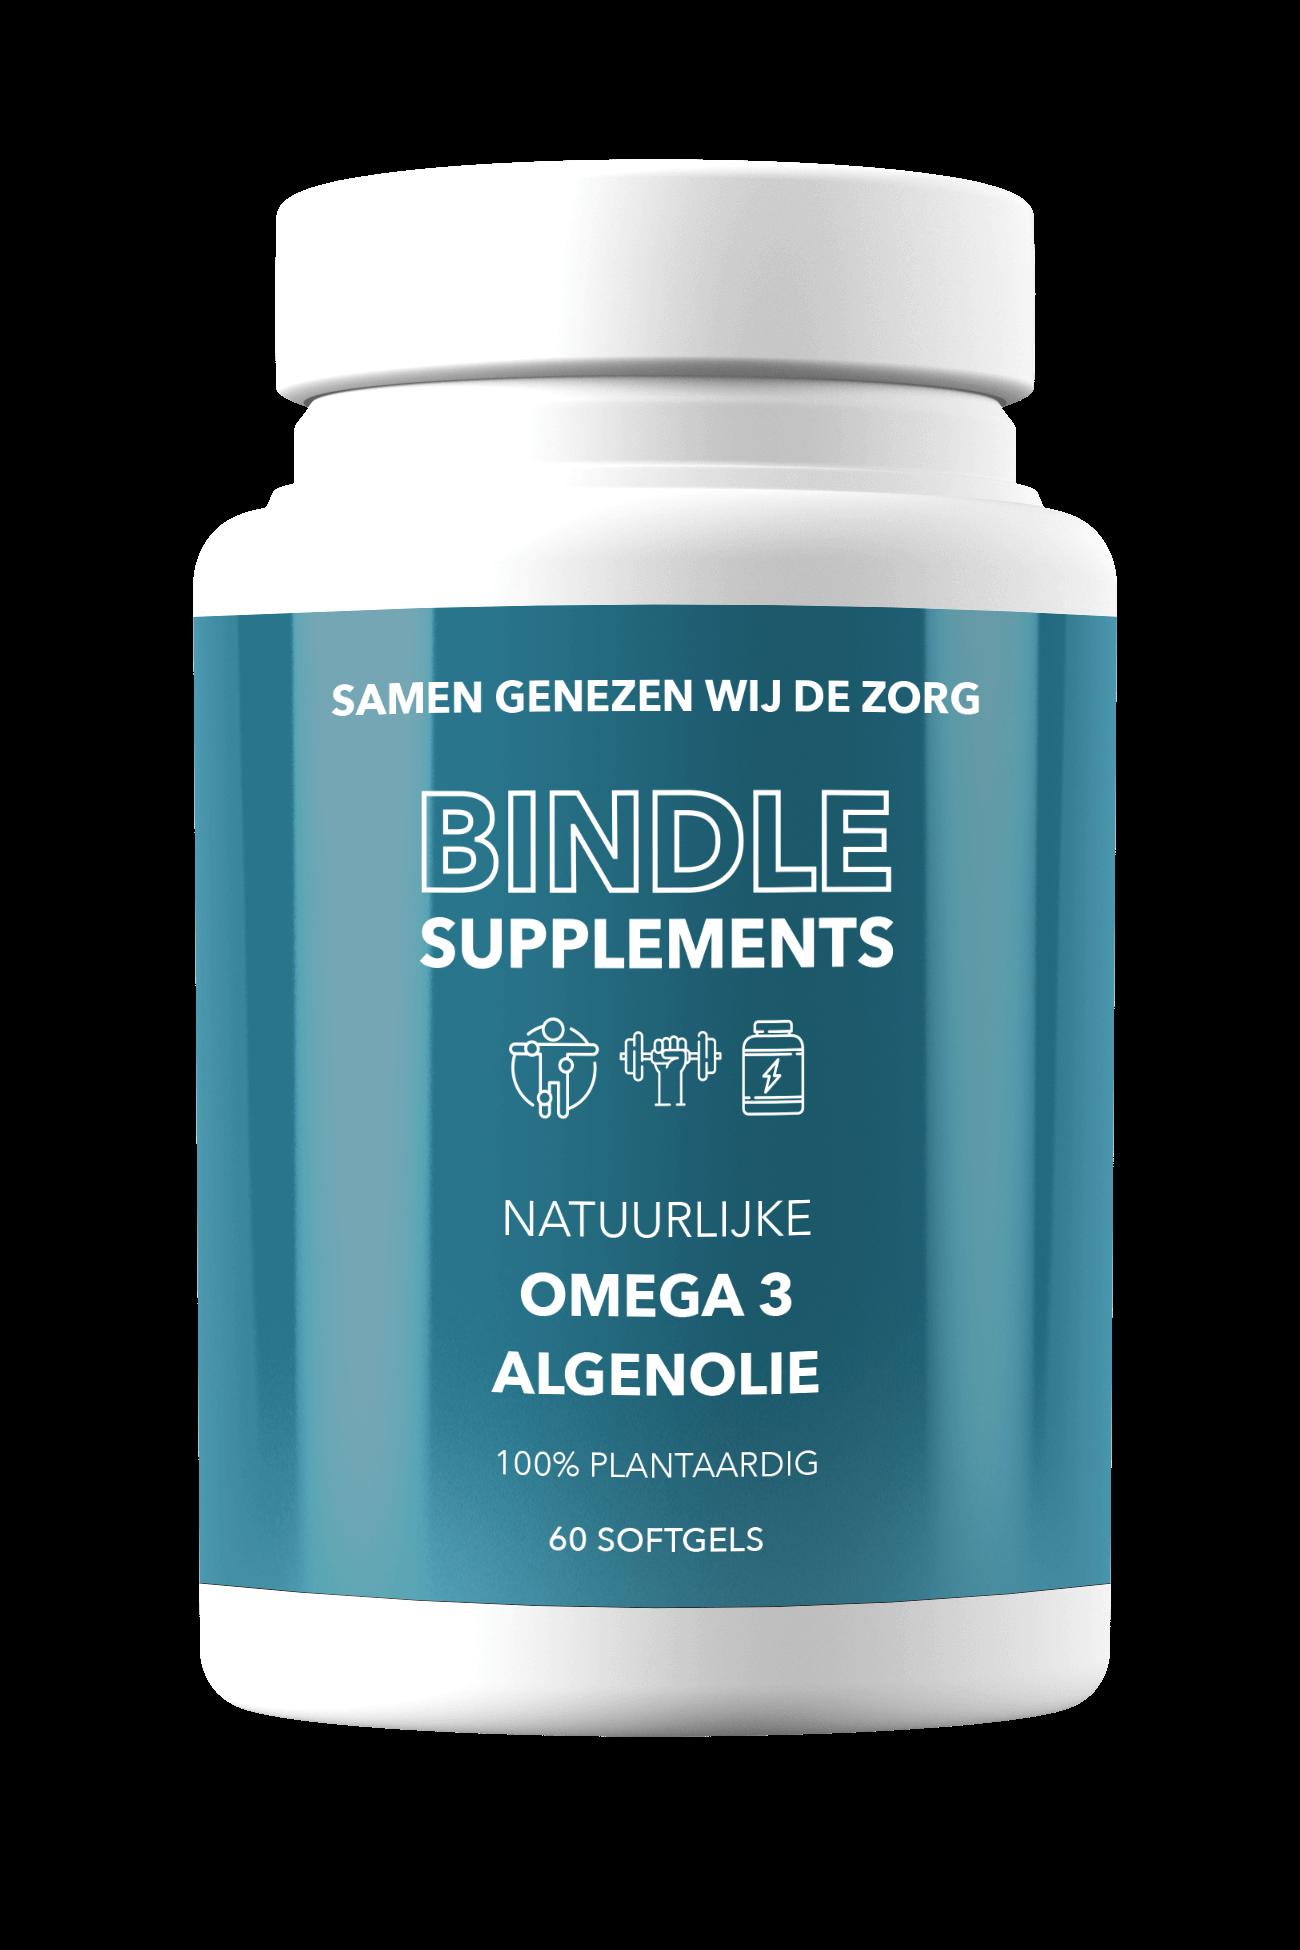 Bindle supplements 2020 algenolie